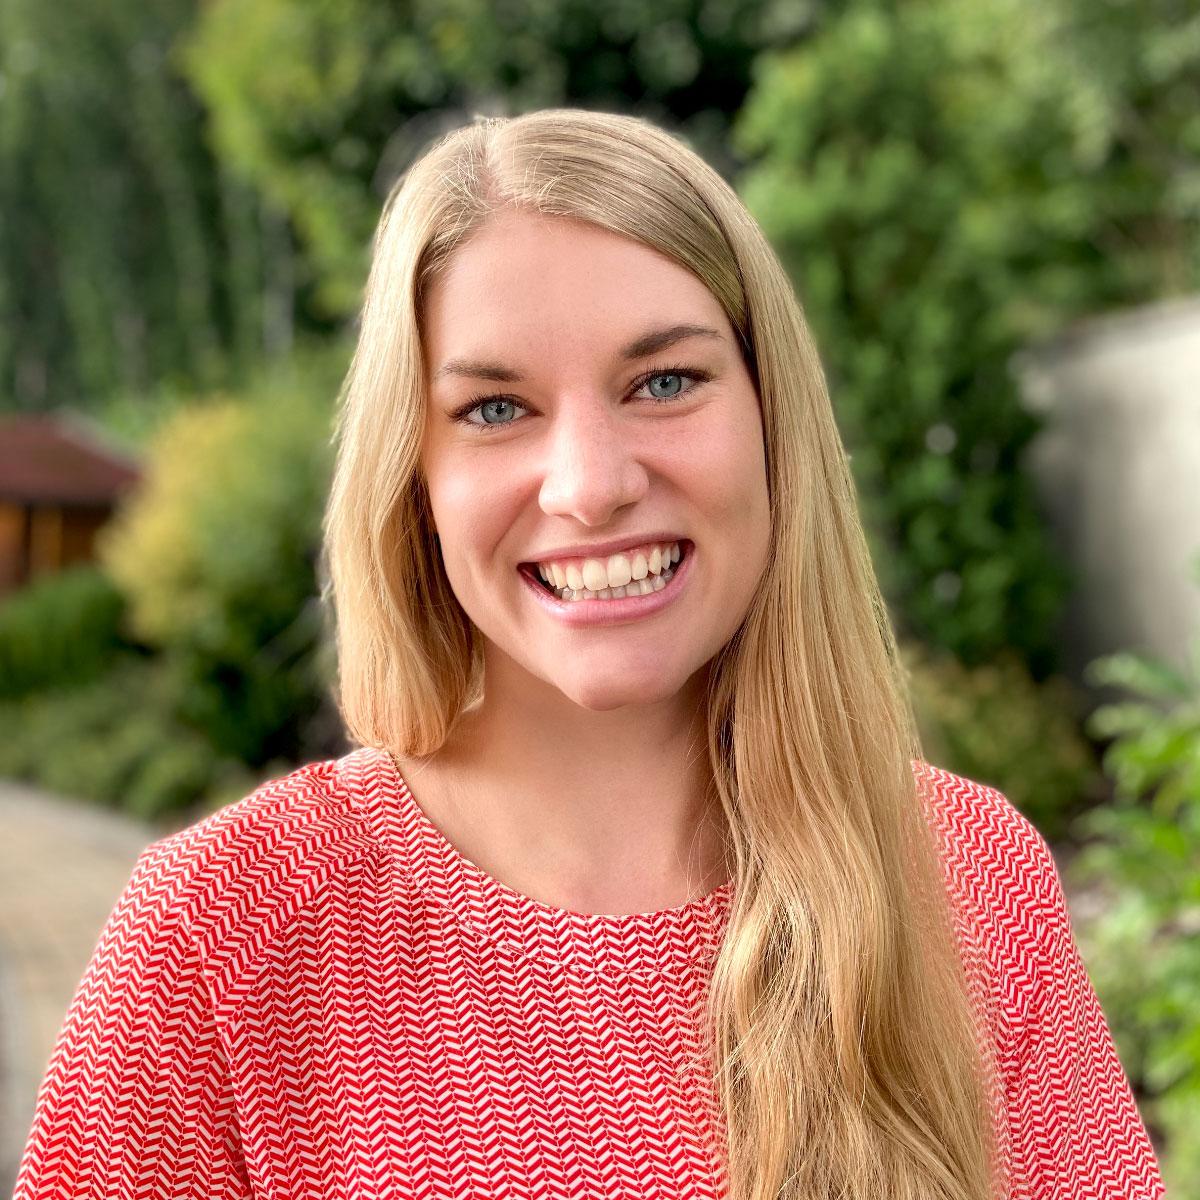 Raphaela Neumann